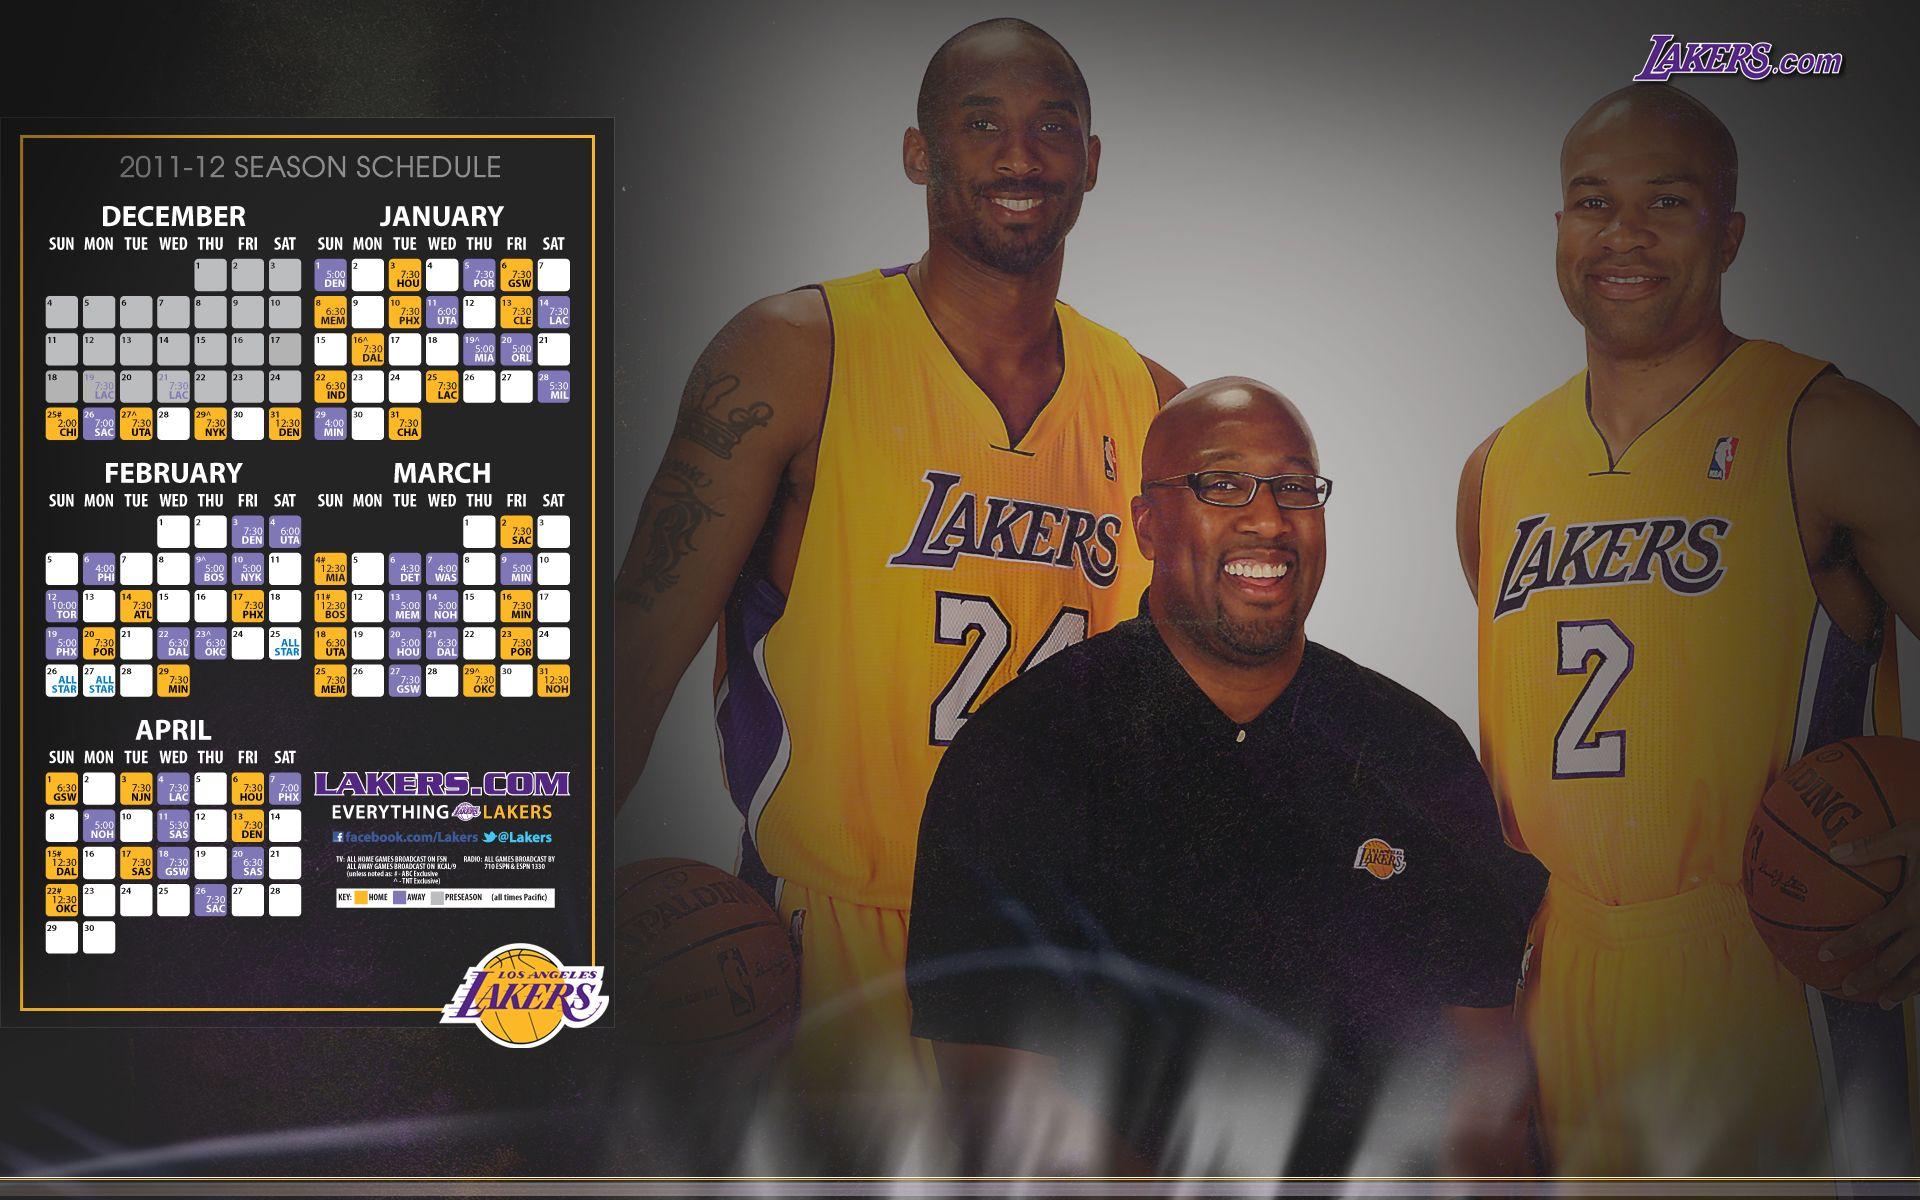 Go Lakers February Wallpaper Lakers Lakers Wallpaper